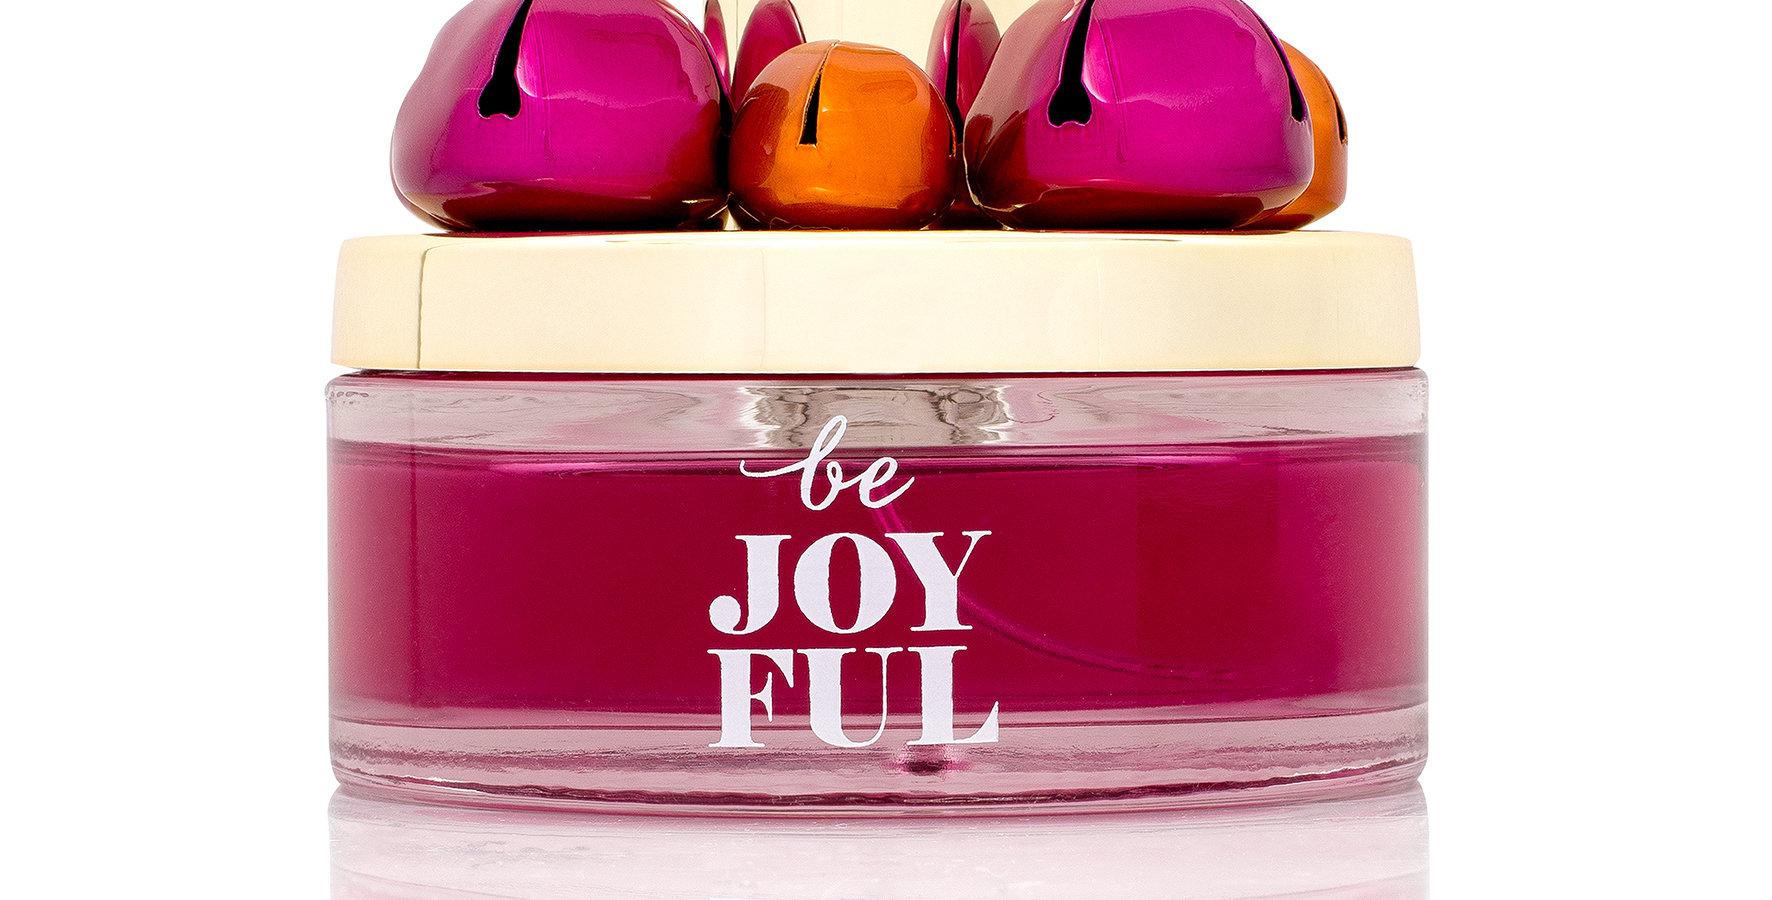 Karnawał czas zacząć –  kolekcja Be Joyful od Bath & Body Works